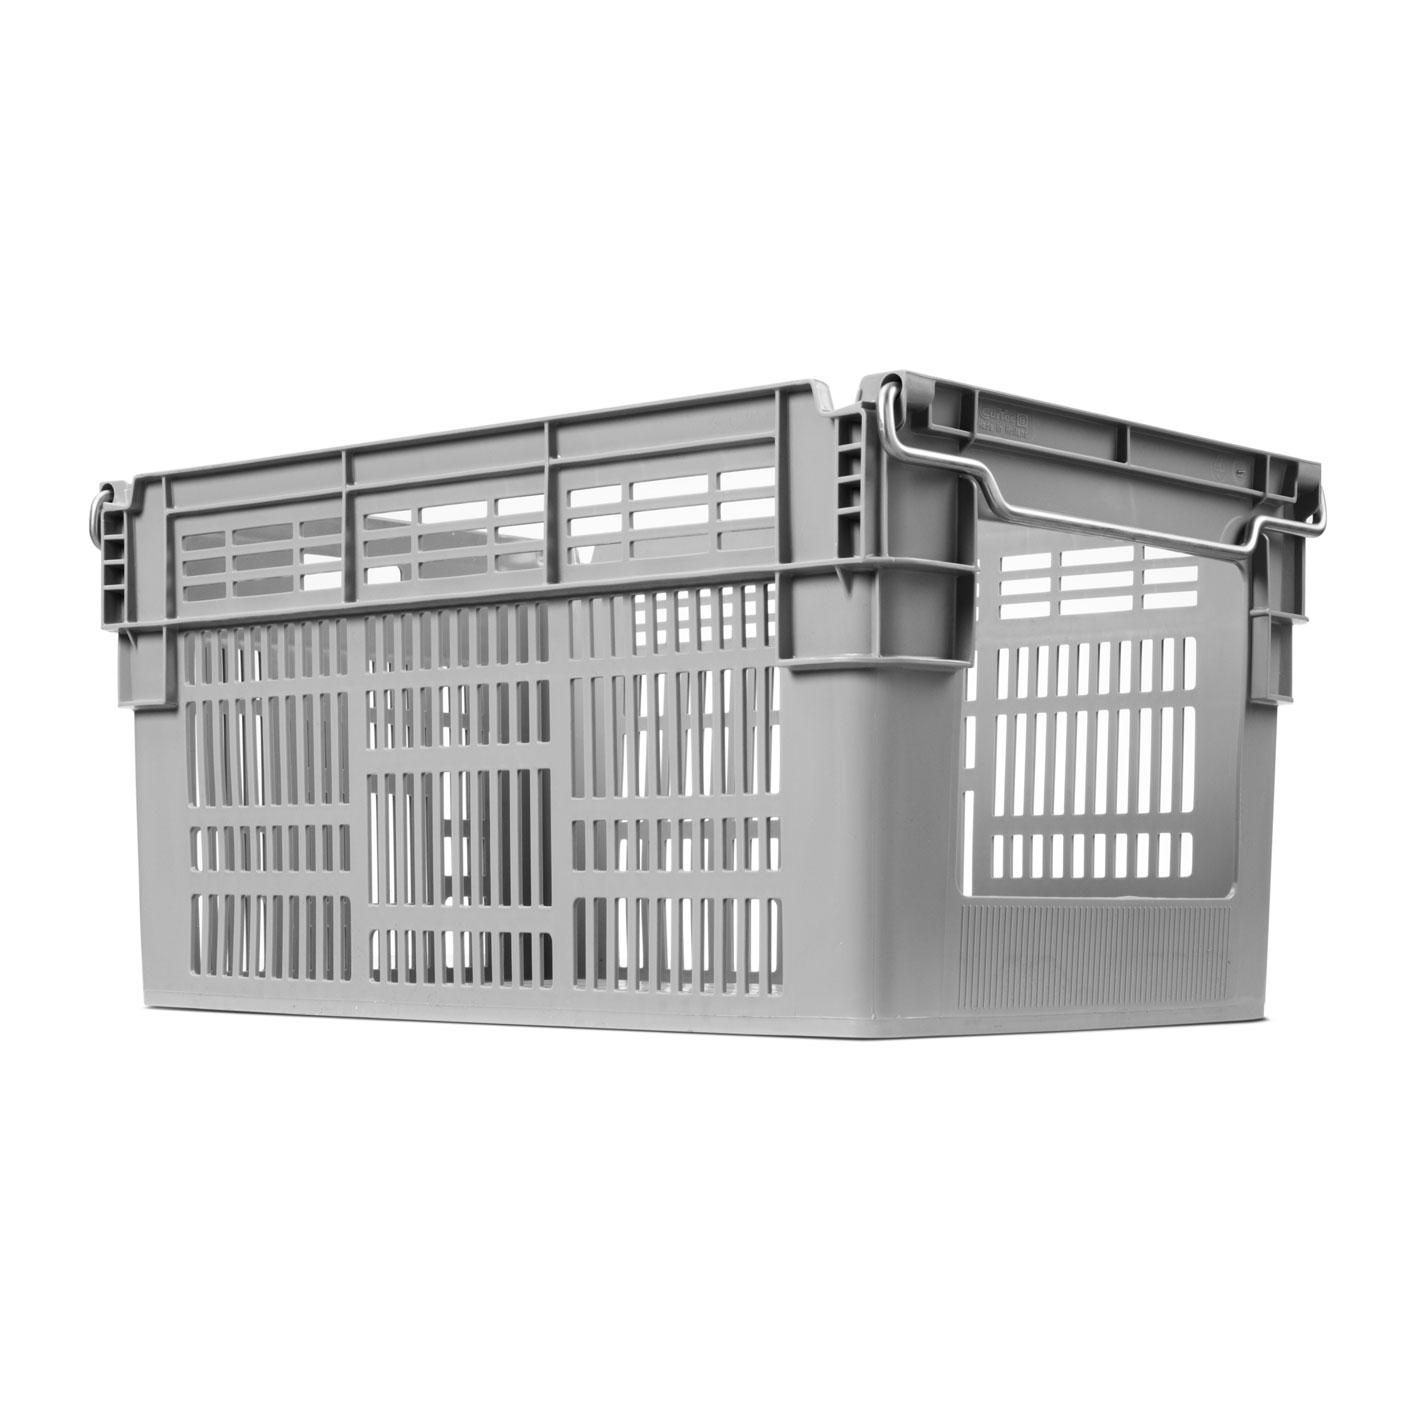 60 litre orderpick crate